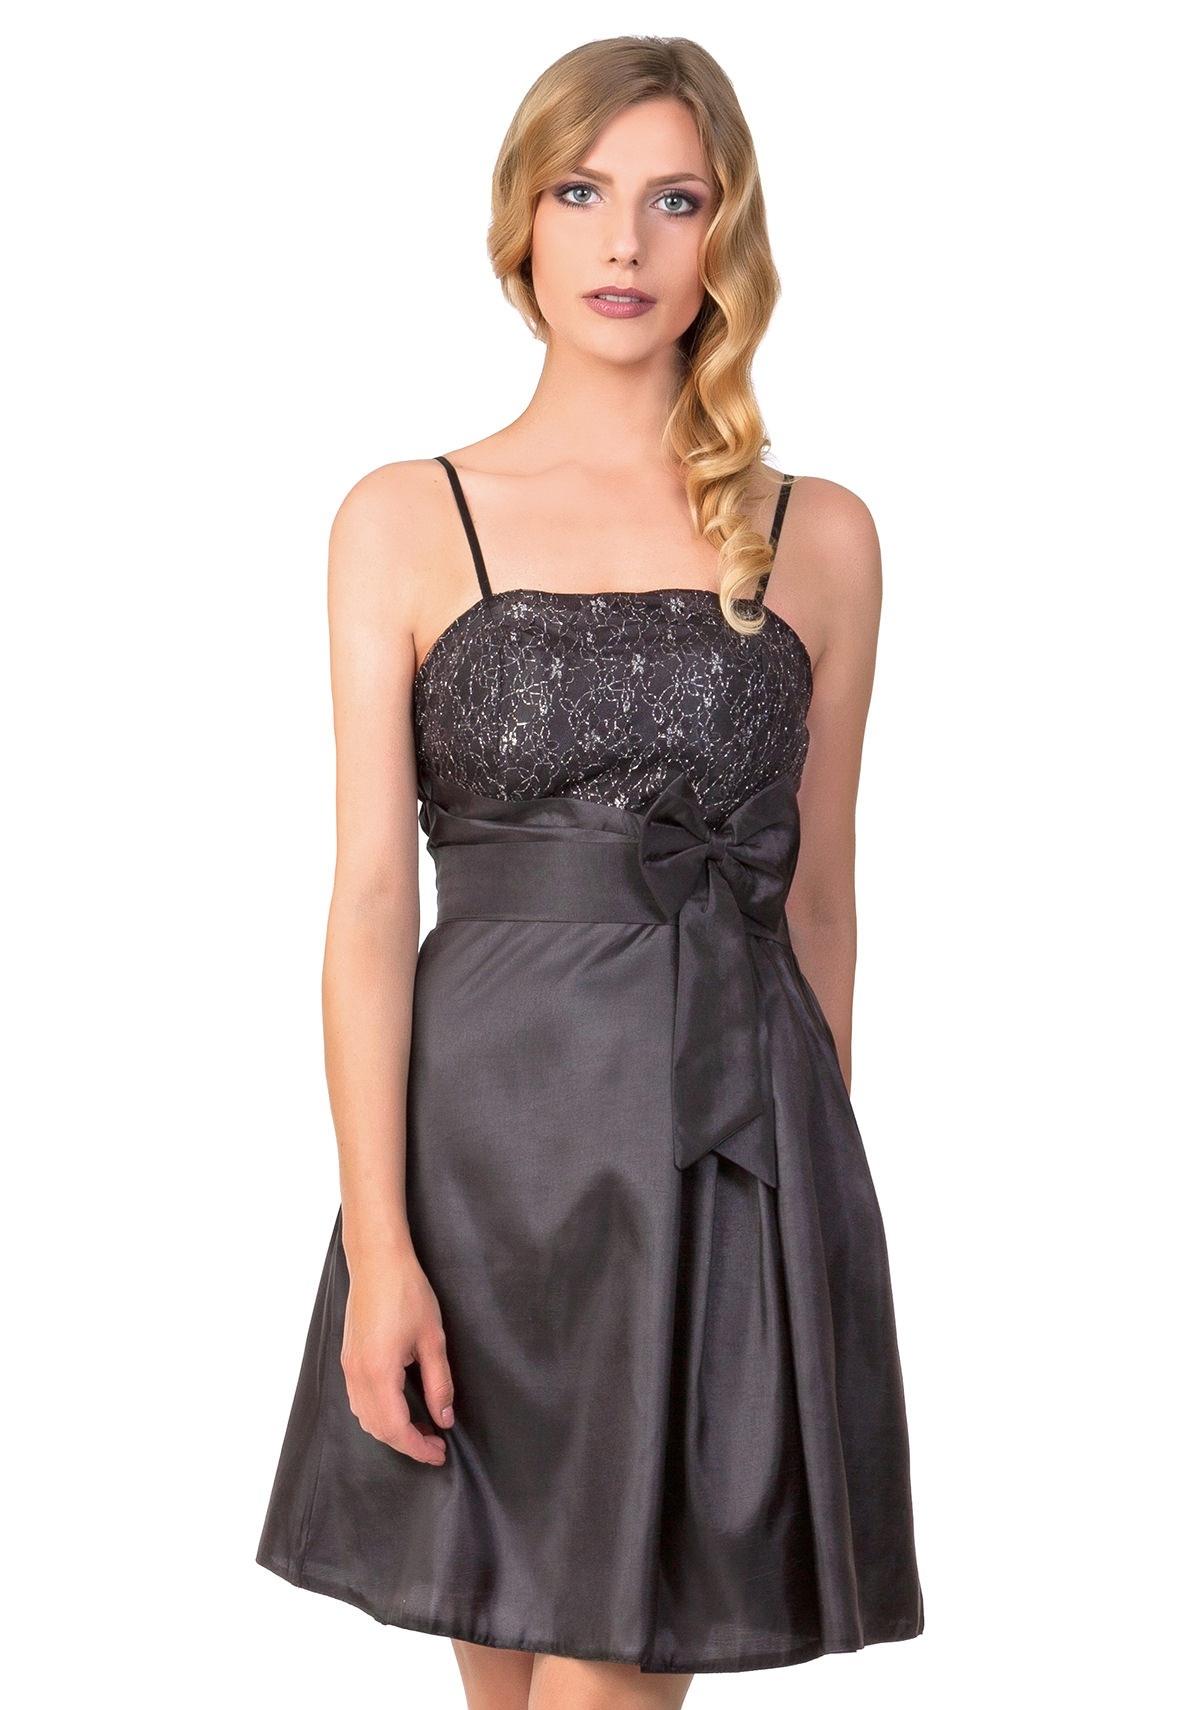 10 Ausgezeichnet Abendkleid Schlicht Kurz Stylish15 Einzigartig Abendkleid Schlicht Kurz Spezialgebiet